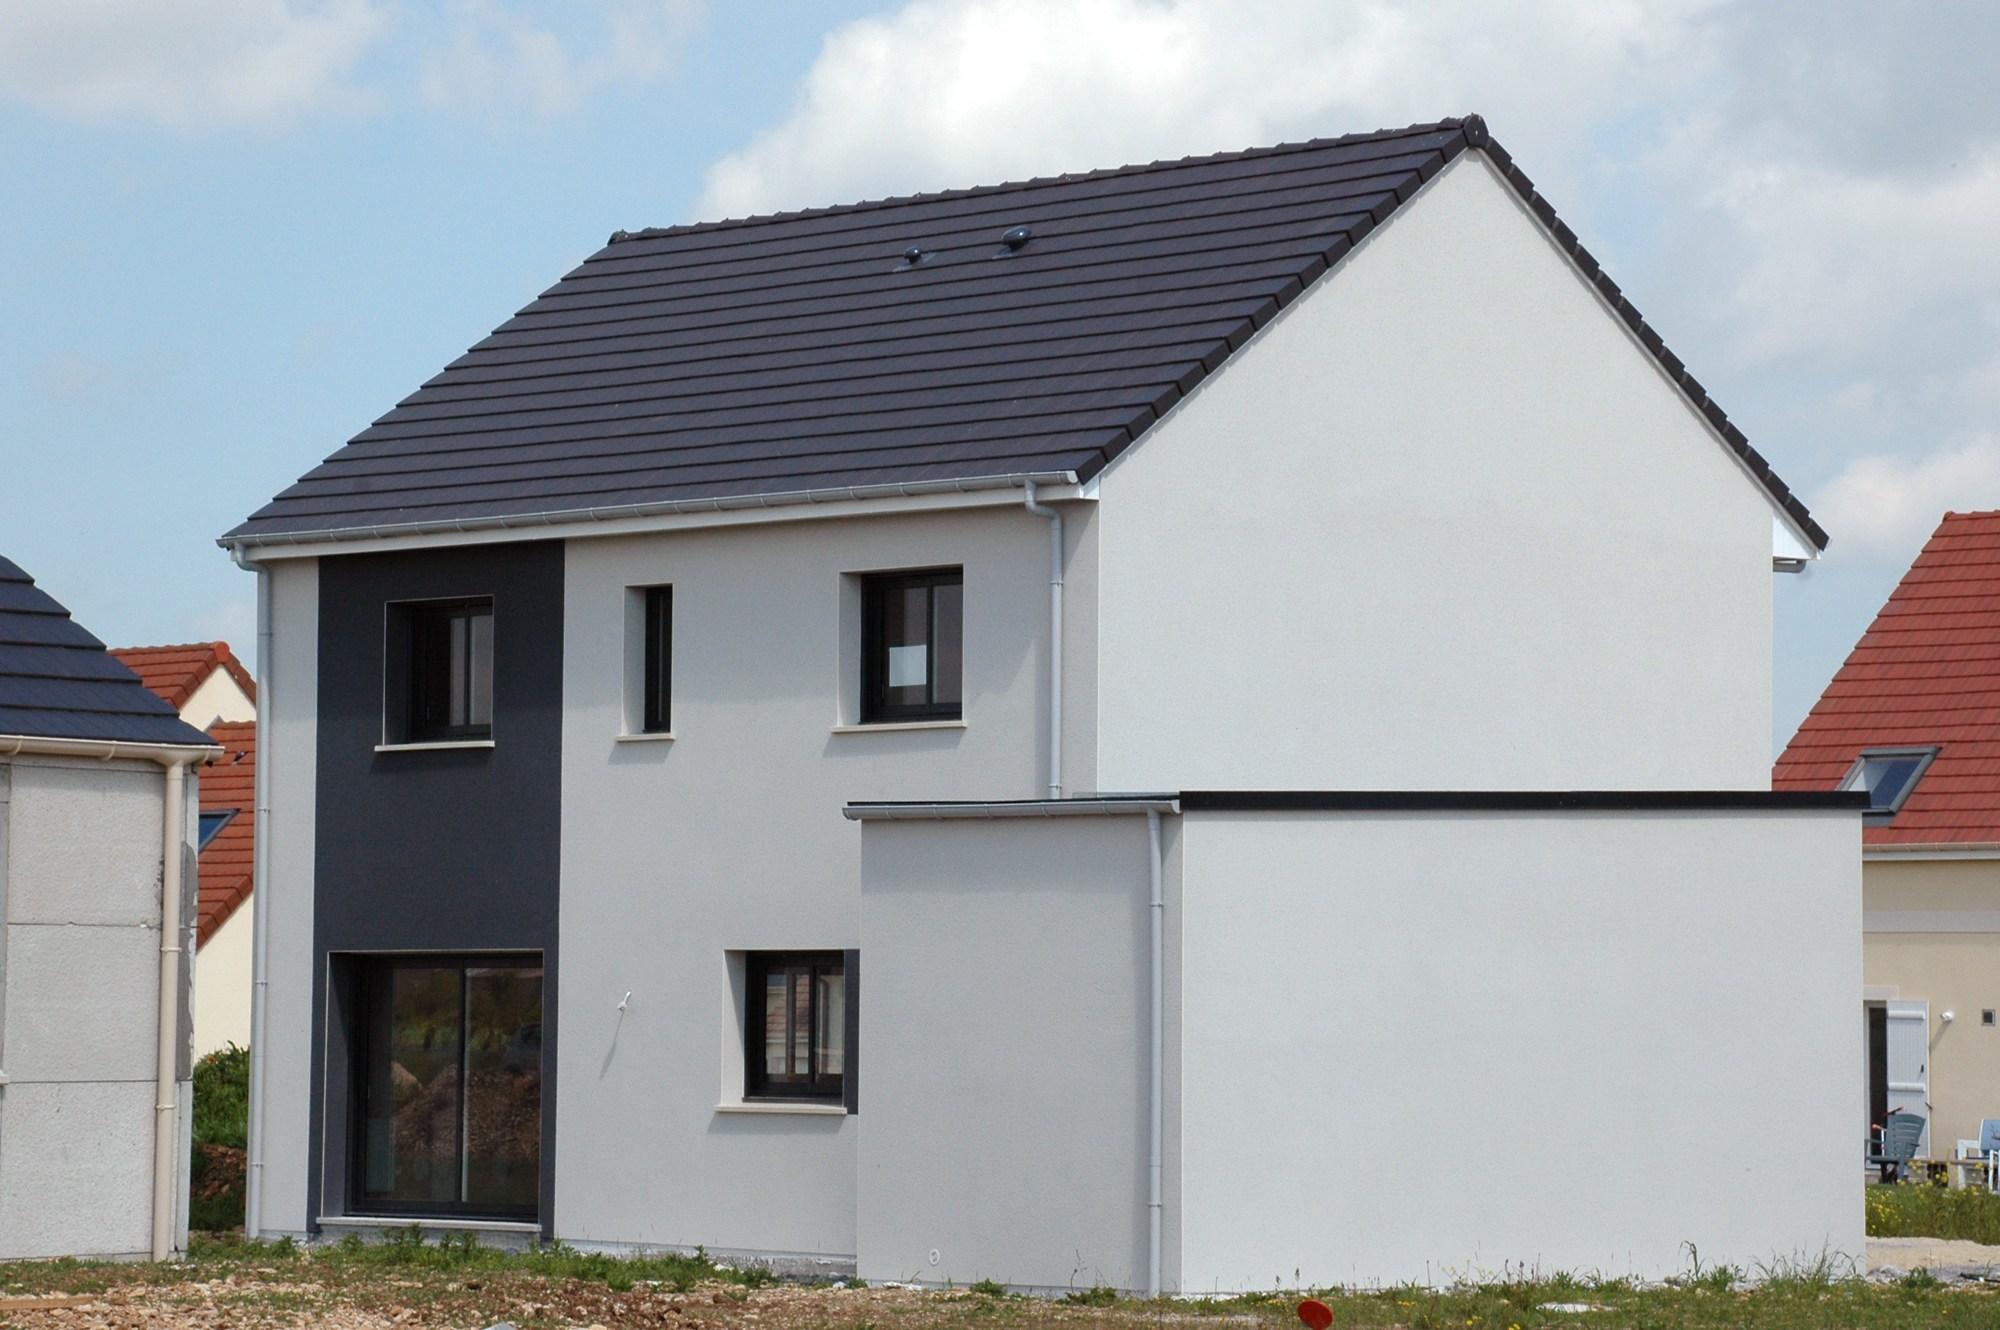 Maisons + Terrains du constructeur MAISON FAMILIALE RENNES • 110 m² • COMBOURTILLE